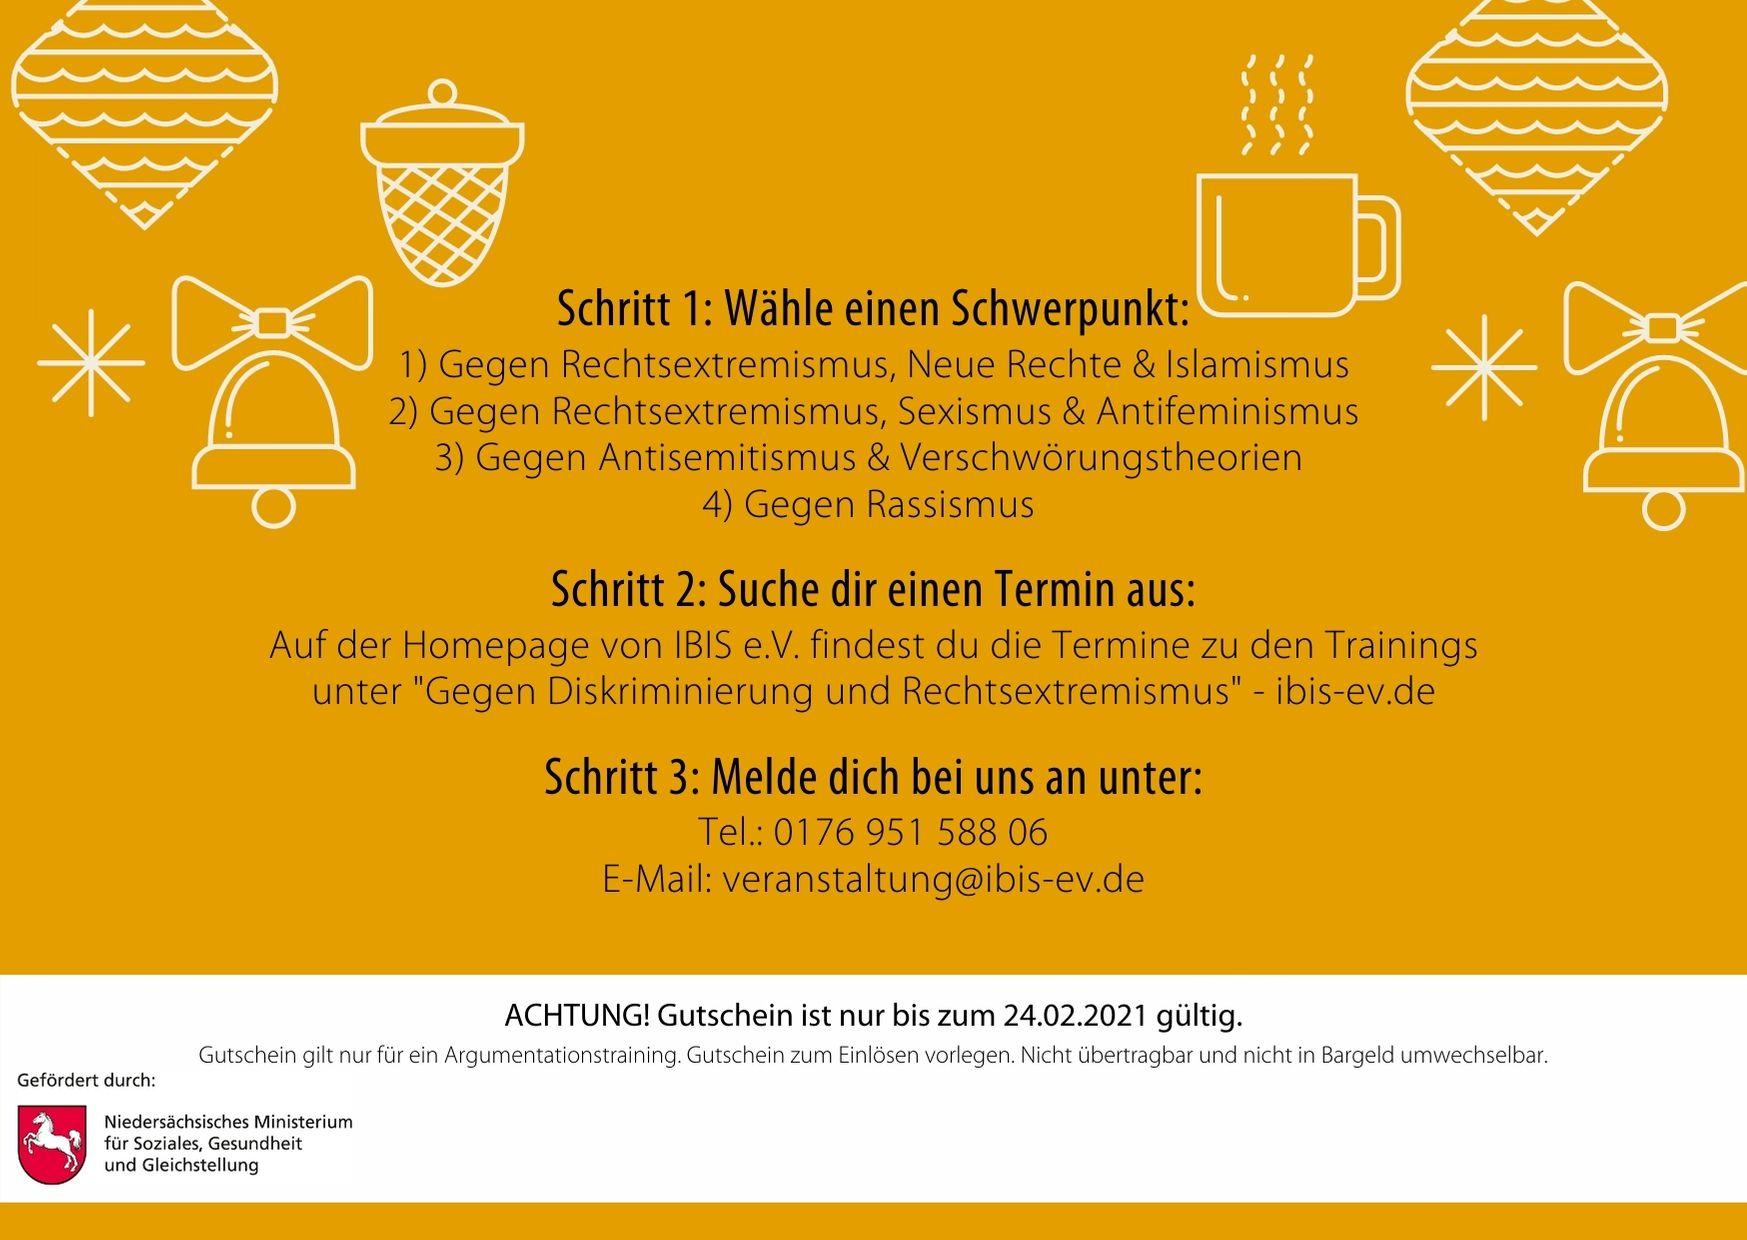 Anleitung Argumentationstraining_Gutschein